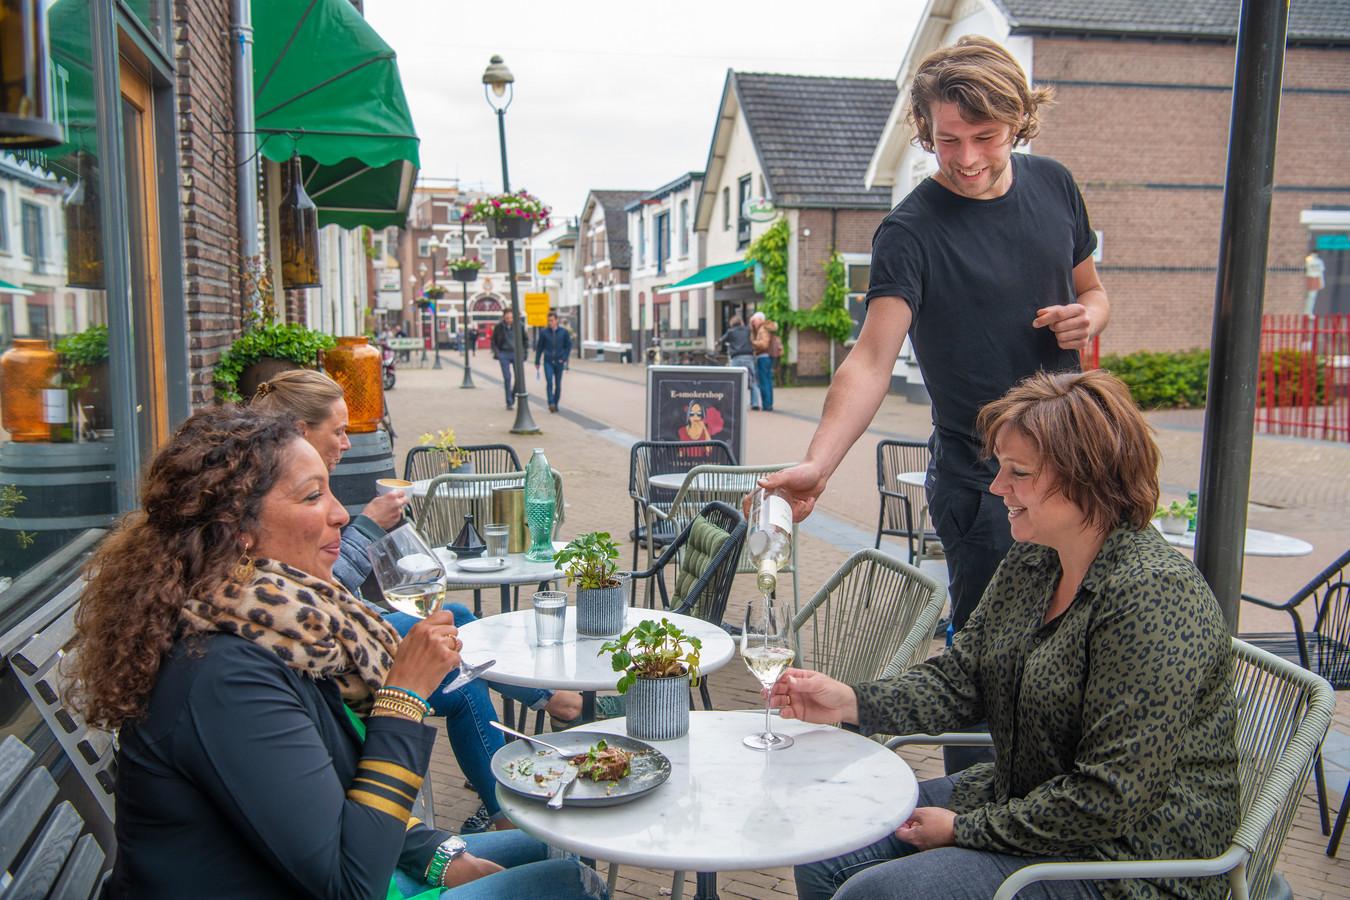 Aaron Post, eigenaar van Lunch- en Wijnbar Rembrandt bedient zijn gasten op het terras aan de Marktstraat.  Hij hoopt net als Café de Flierefluiter - aan de overzijde verderop in de straat, met groene zonwering -  klanten op het terras ook na 23.00 uur een glas wijn in te kunnen schenken.